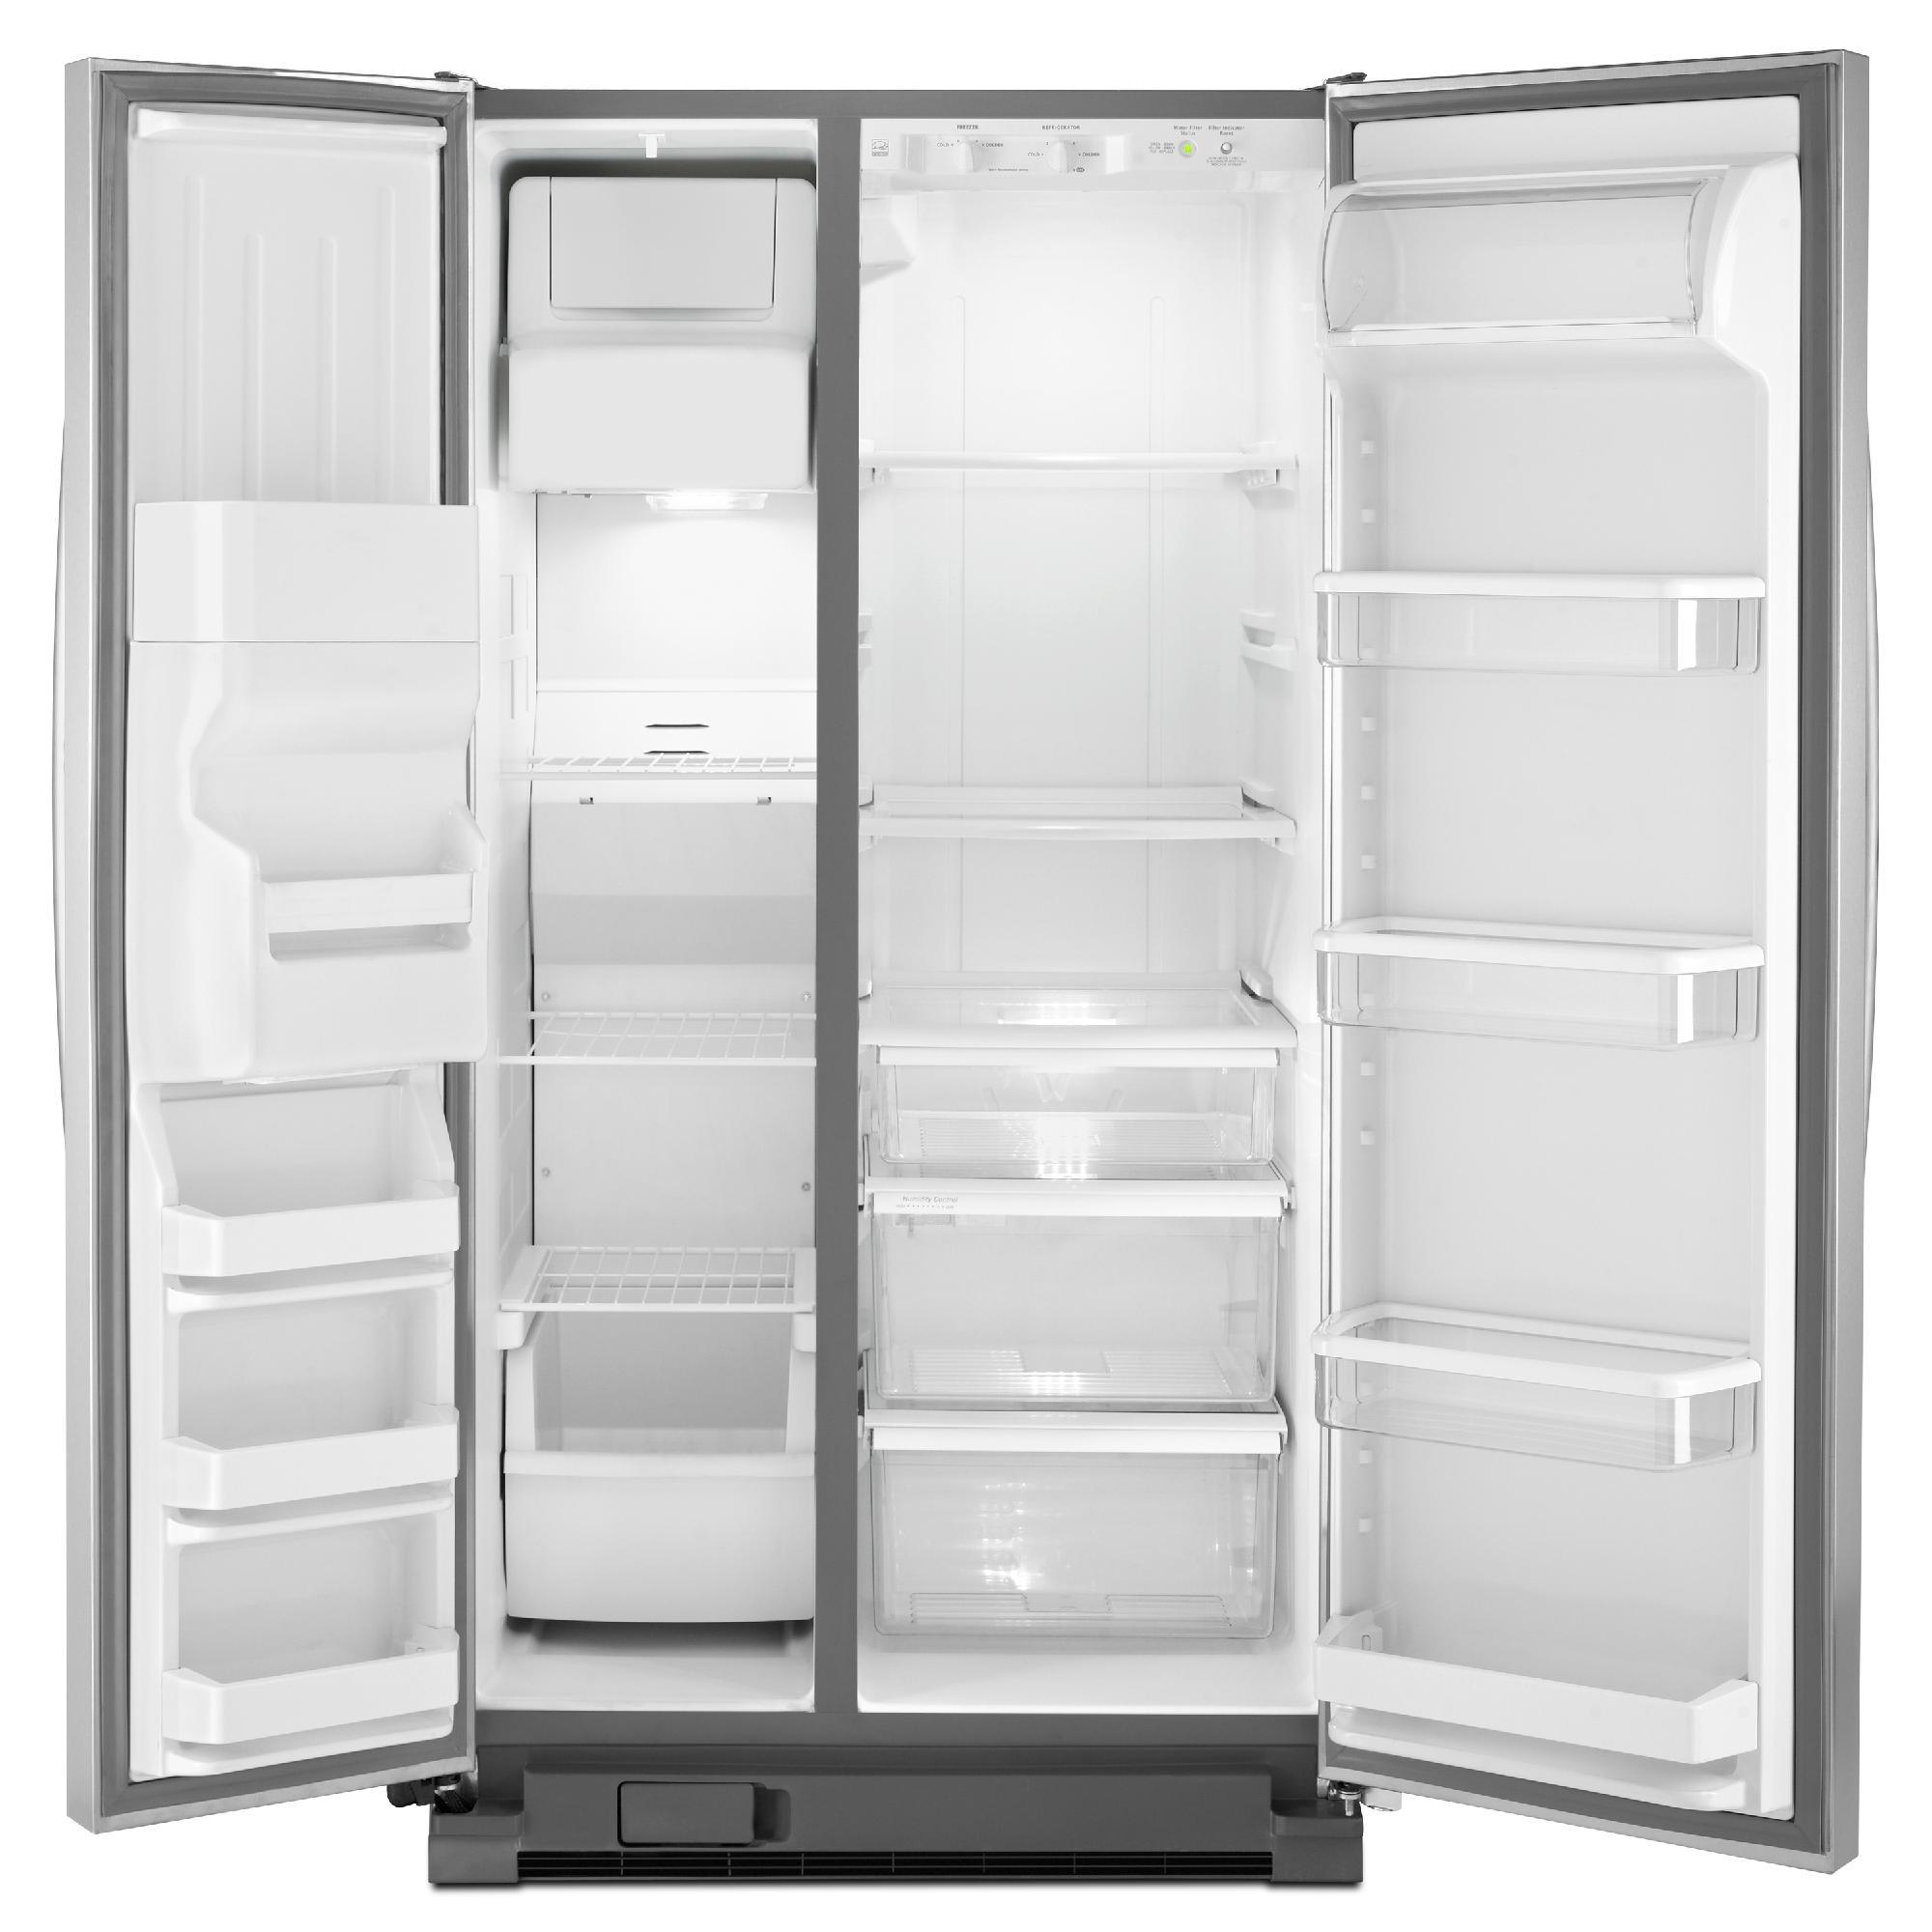 Whirlpool WRS325FDAD 24.9 cu. ft. Side-by-Side Refrigerator w/ Accu-Chill™- Metallic